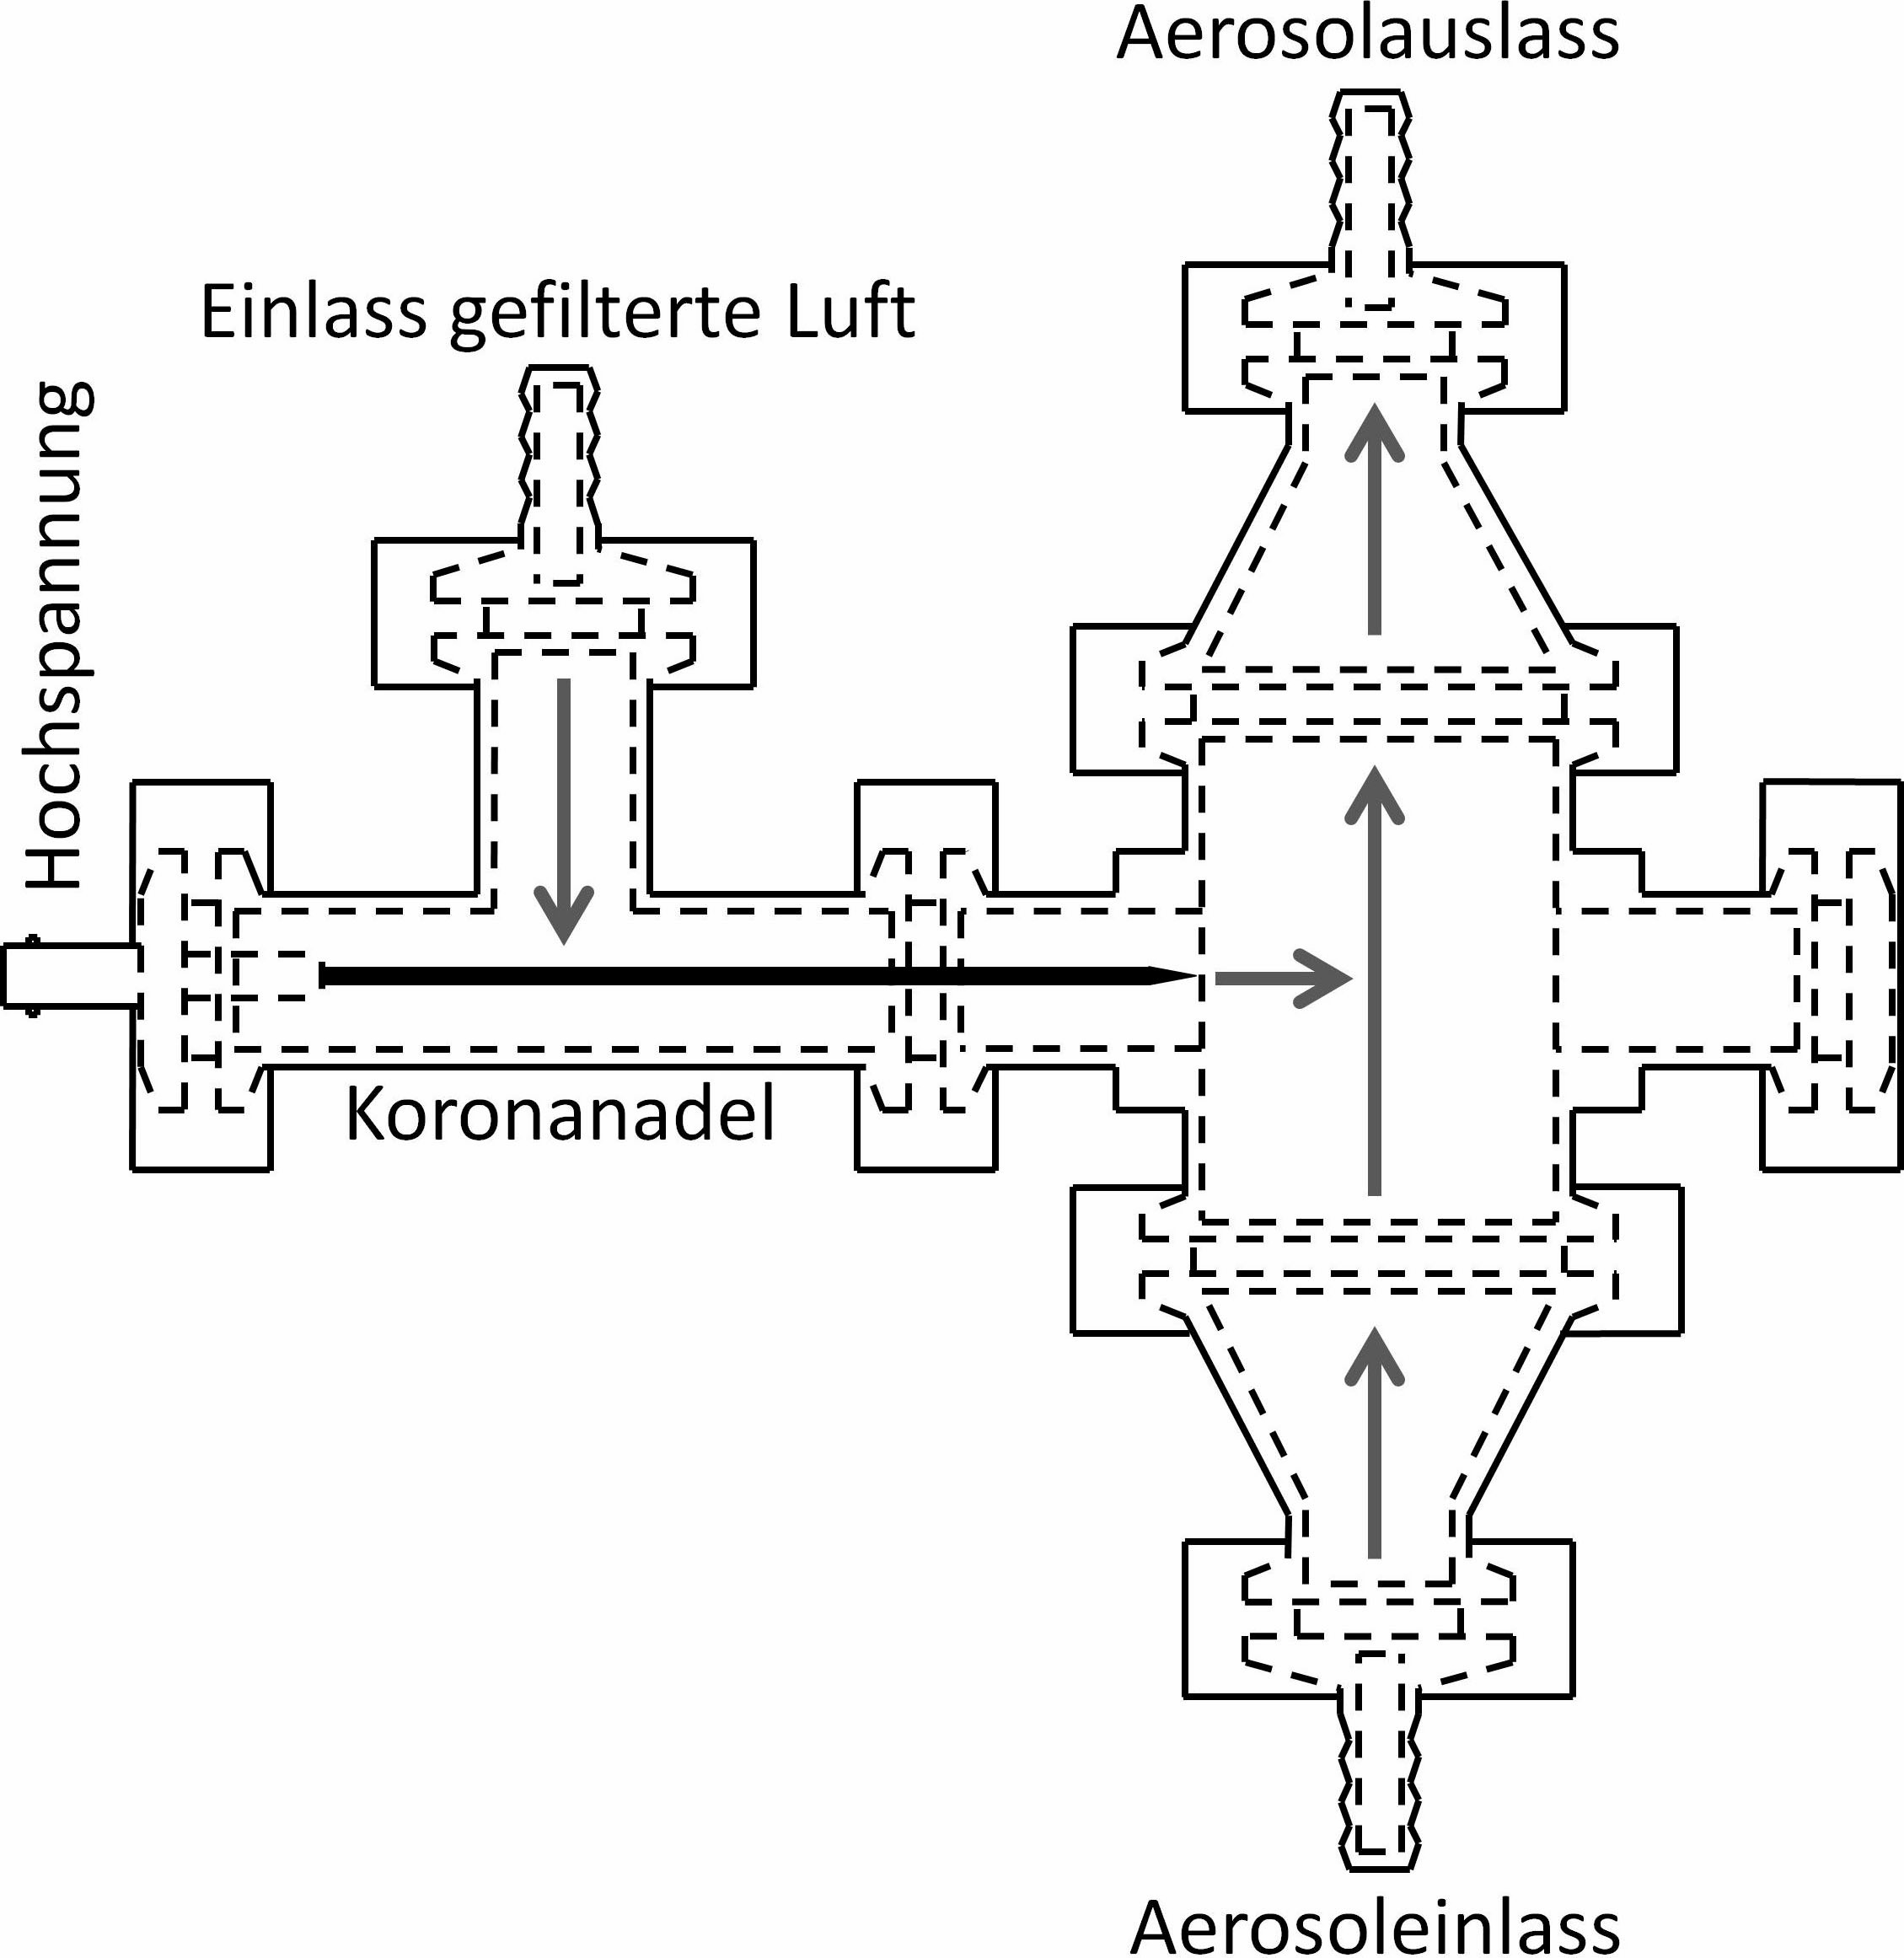 Bild 1. Schematischer Aufbau des Diffusionsaufladers. Quelle: IUTA